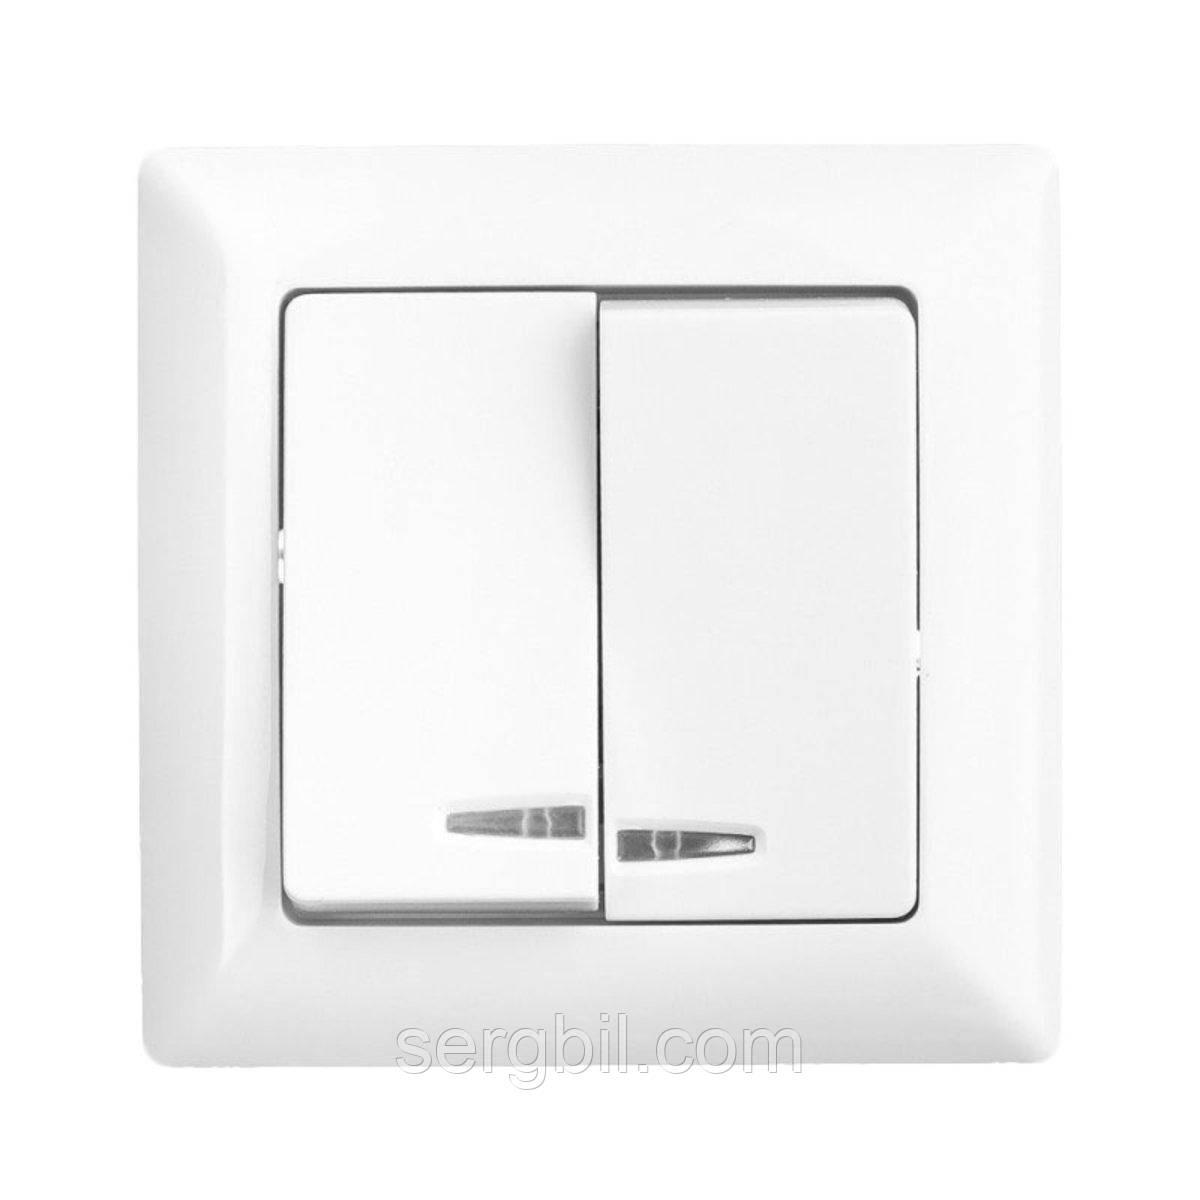 Выключатель с 2 клавишами с подсветкой Lectris Белый LCI005